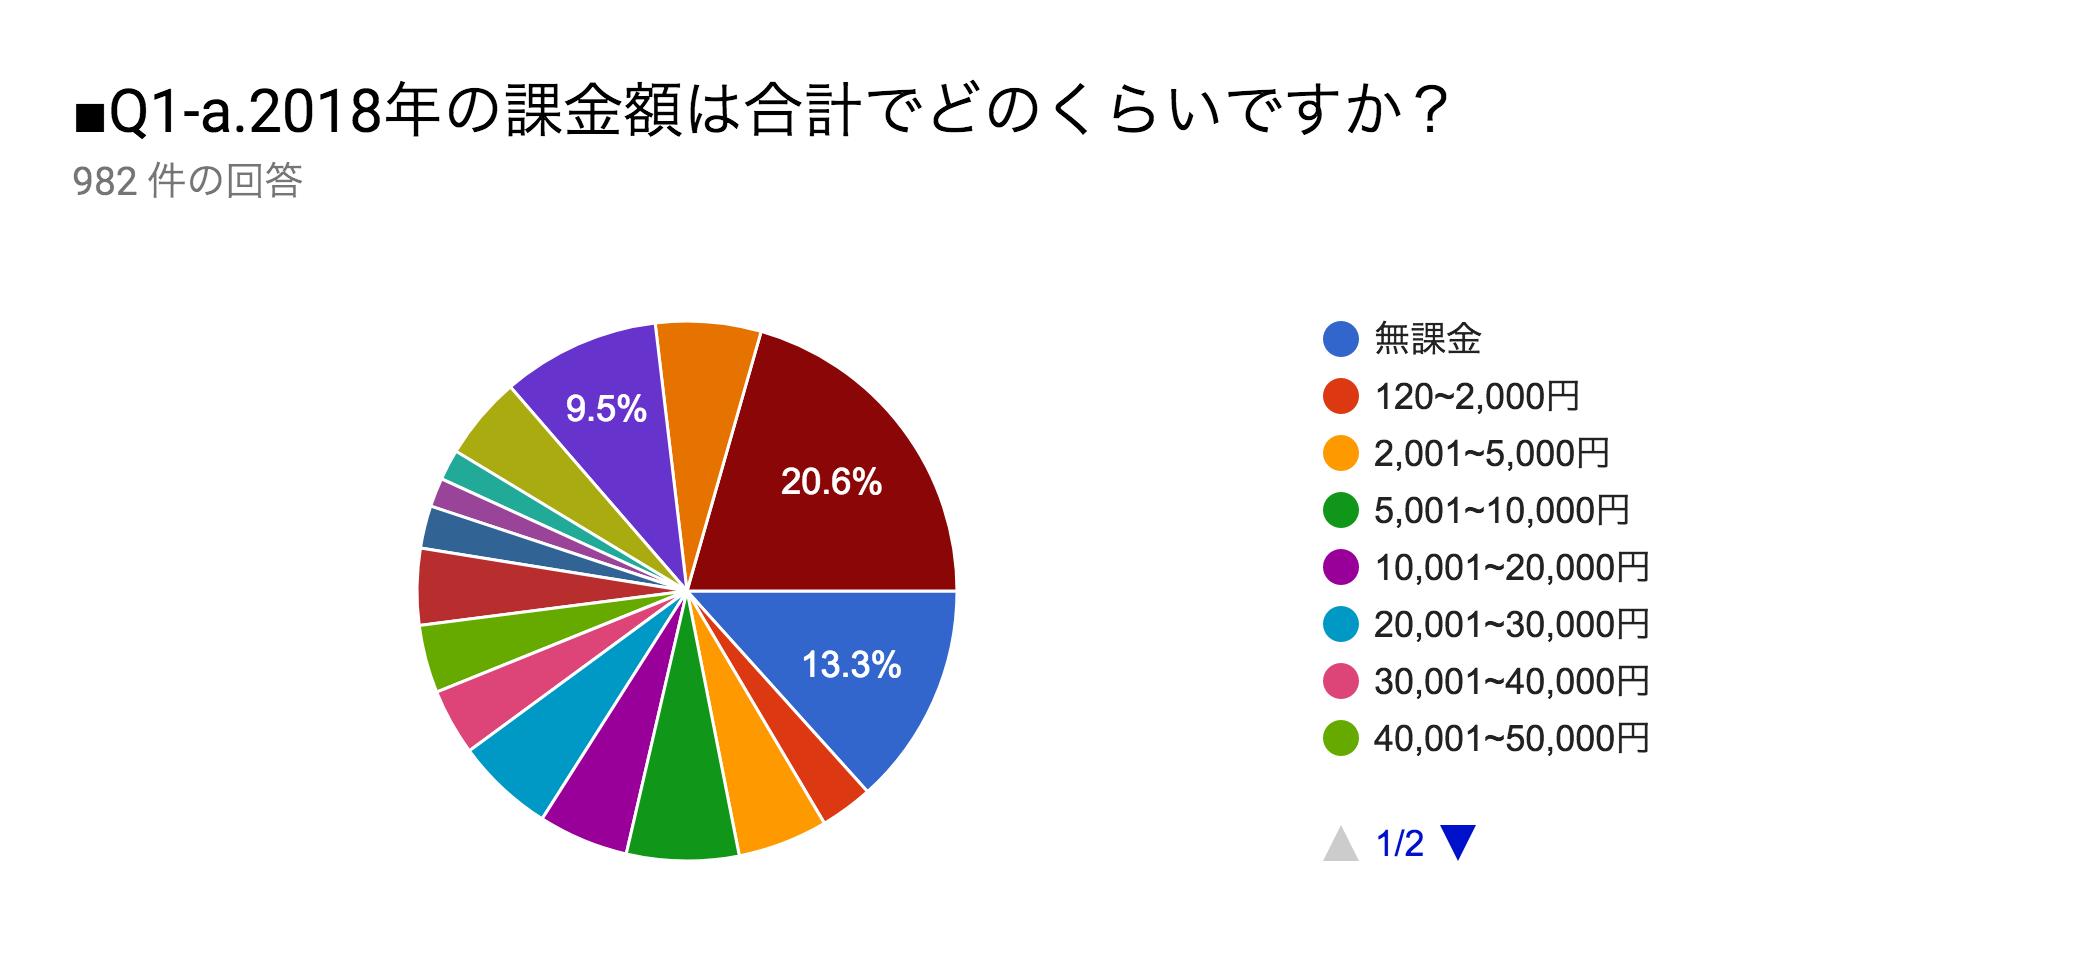 斯卡哈,FGO,氪金,北斋,浅上藤乃